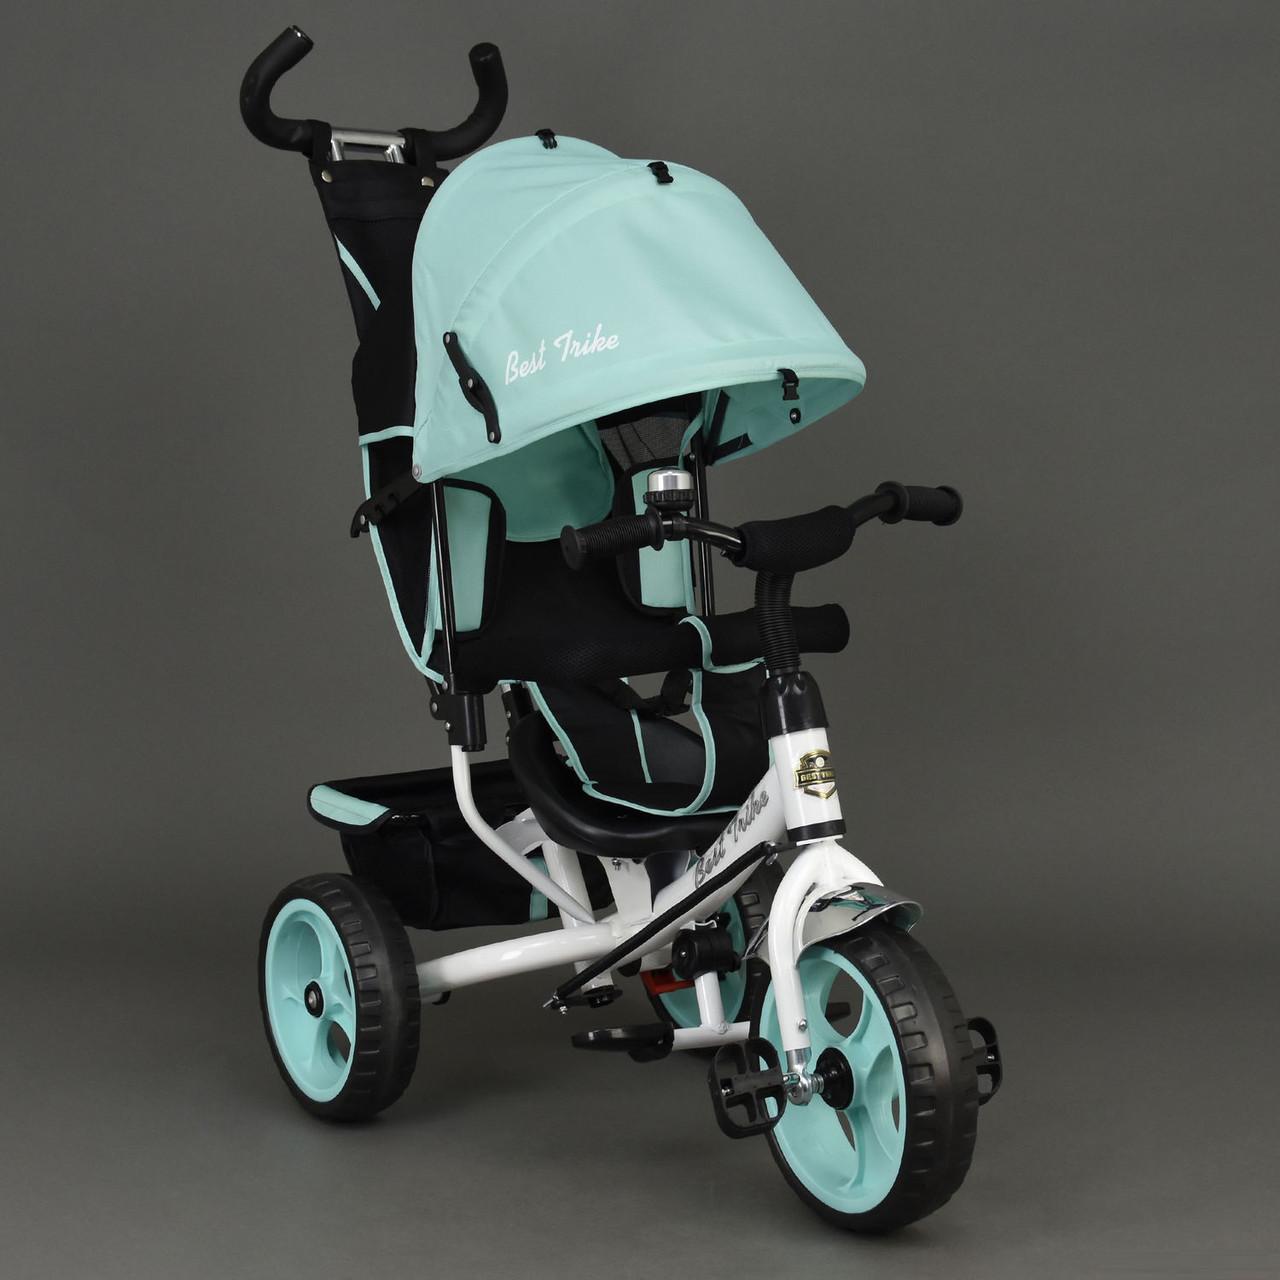 Детский трехколесный велосипед Best Trike 6570 бирюзовый (колеса пена)